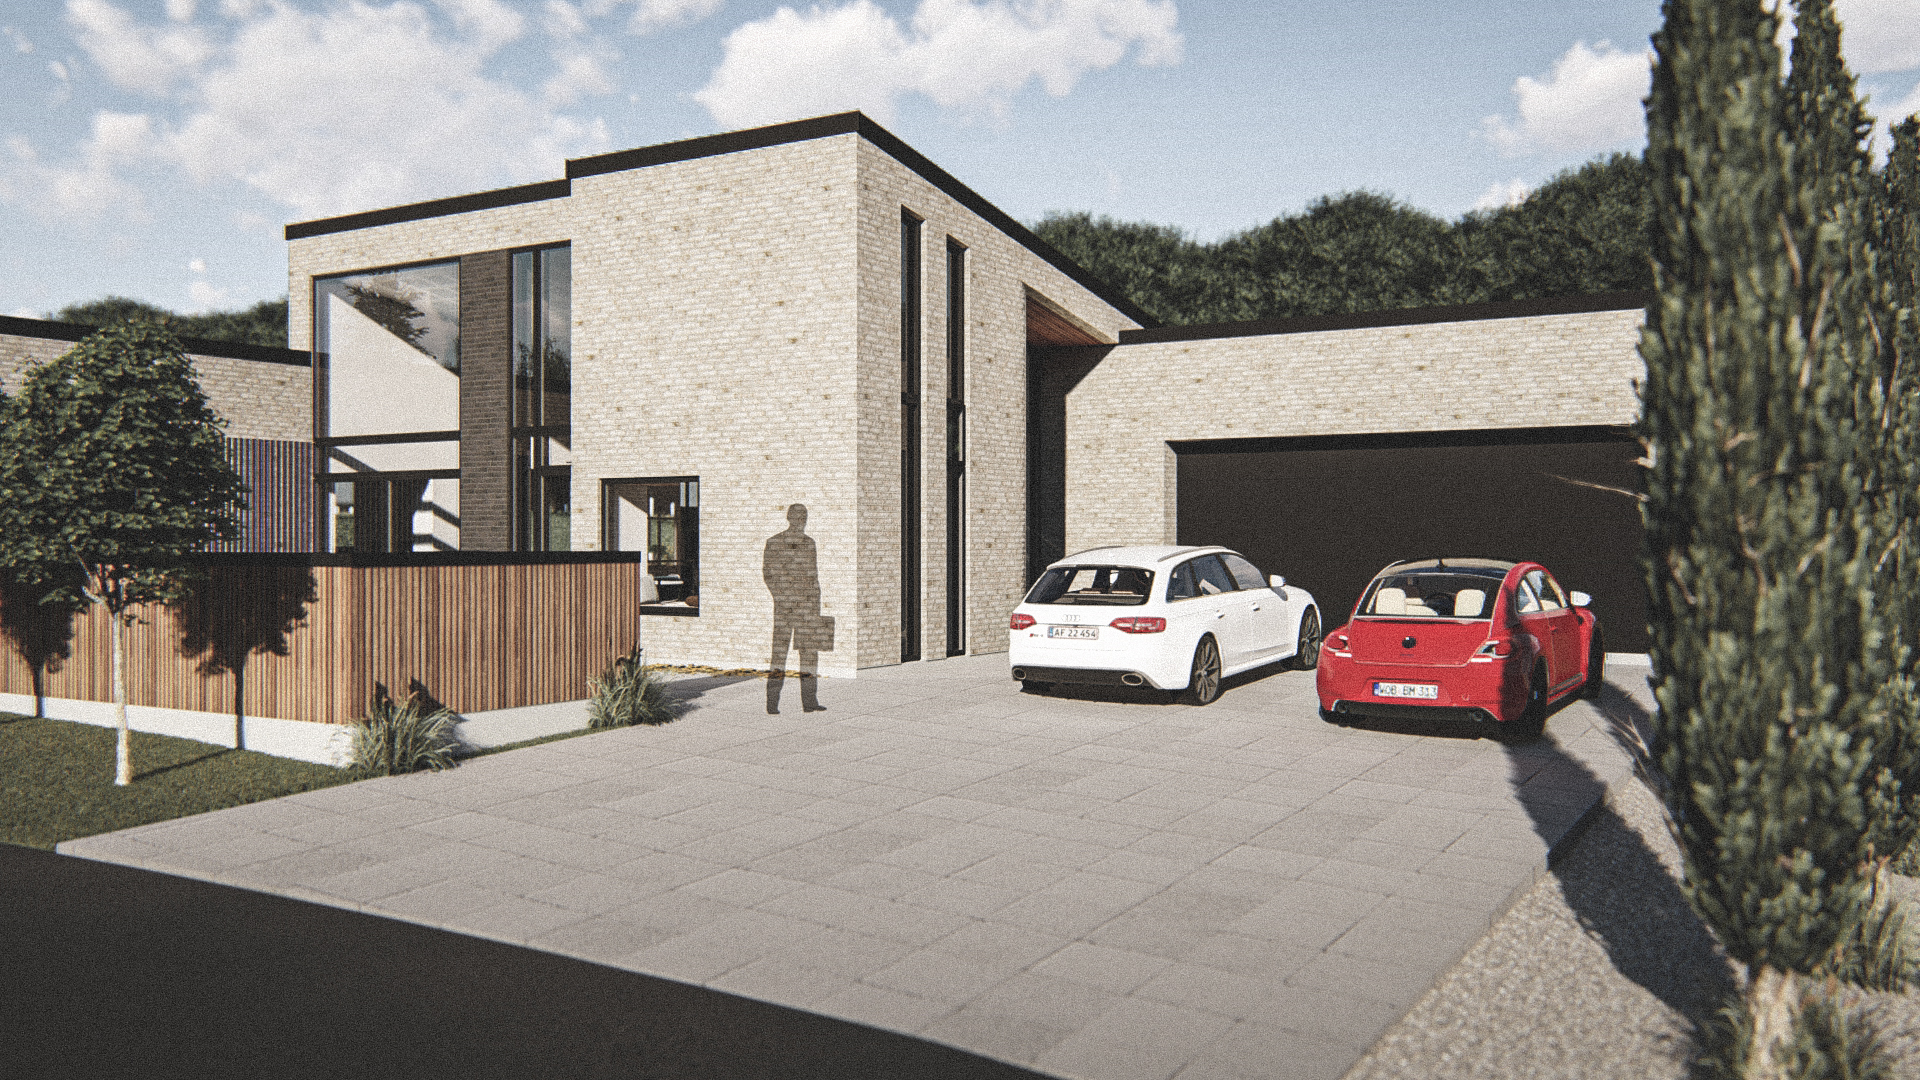 Billede af Dansk arkitekttegnet 1 plan villa af arkitektfirmaet m2plus, i Ringsted på 188 kvartratmeter.